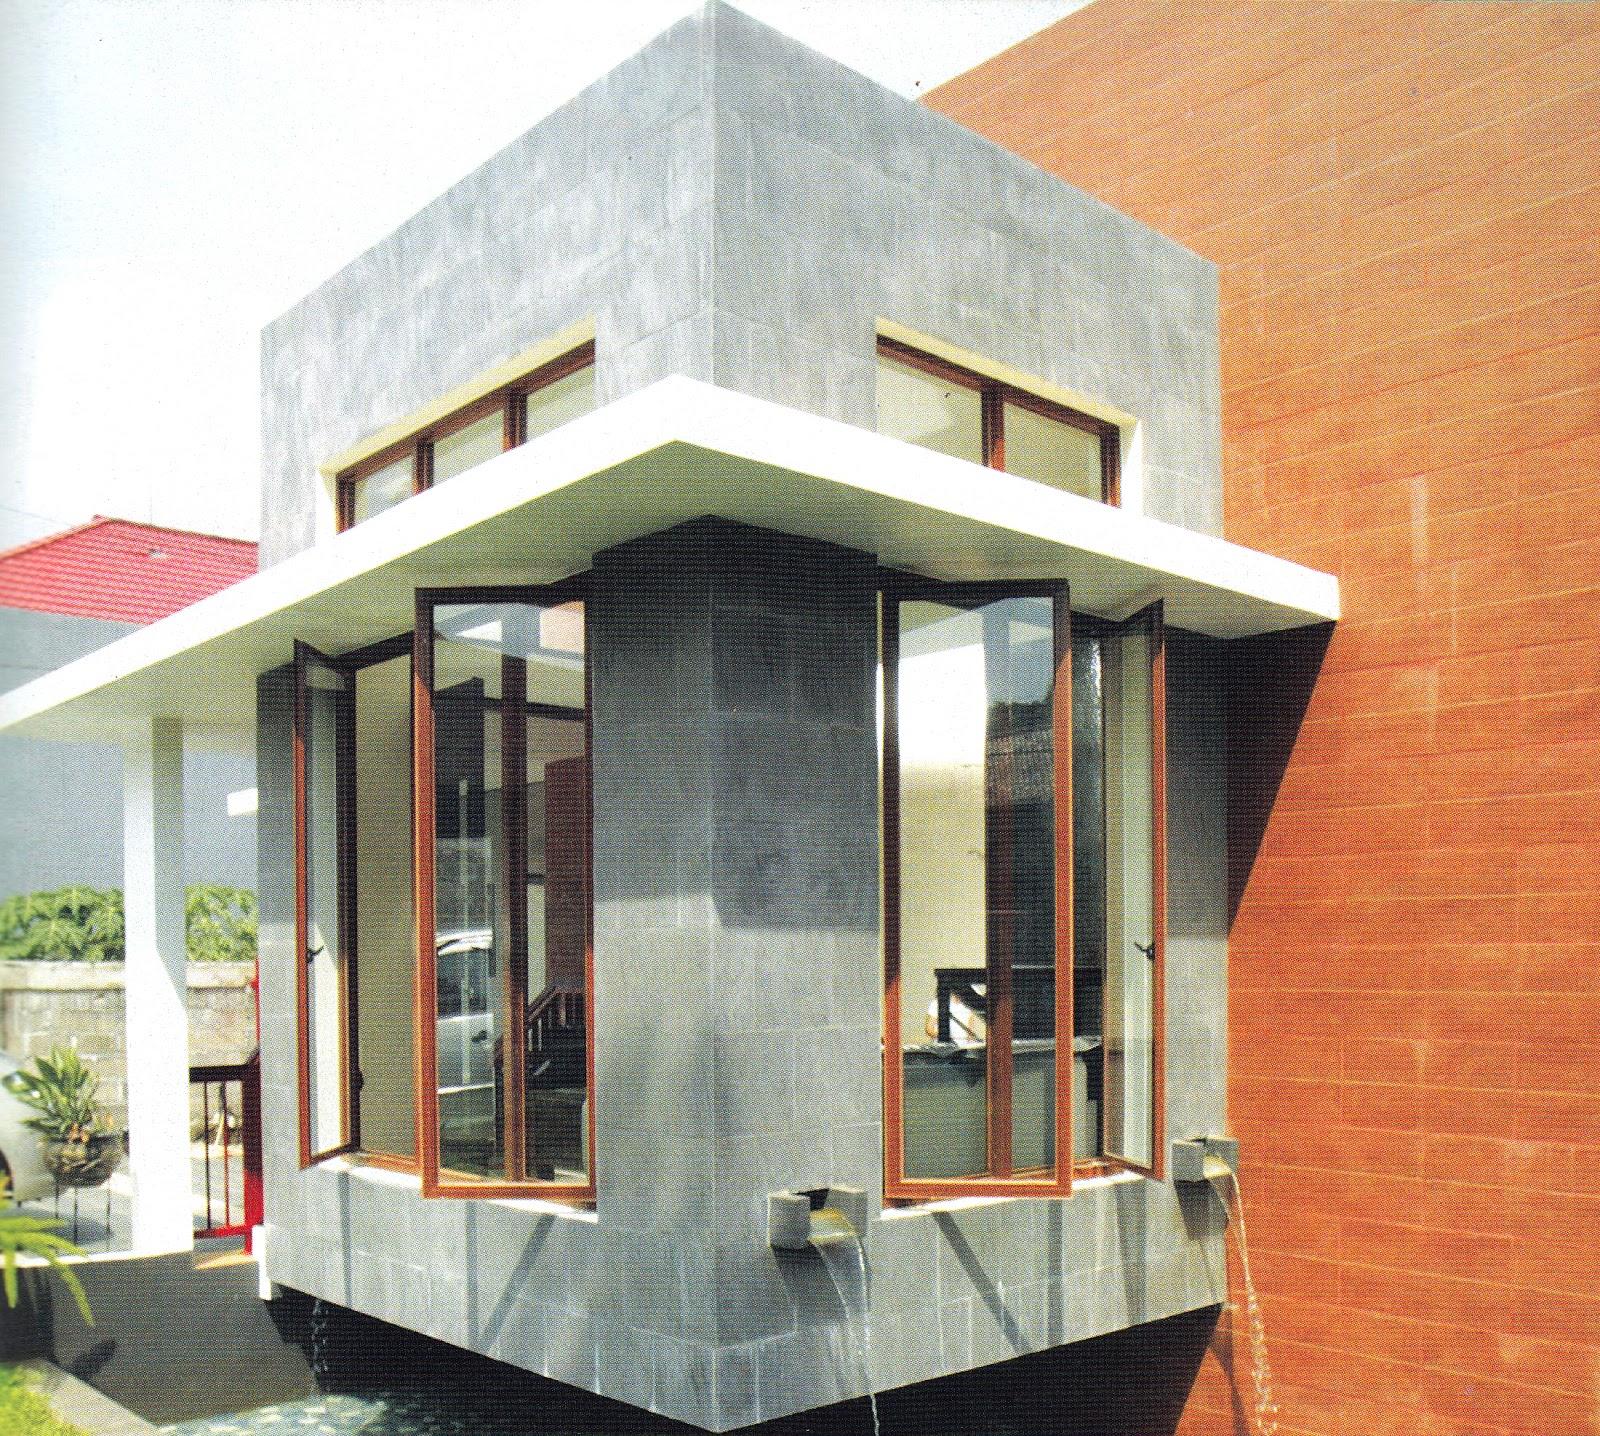 Gambar Kanopi Jendela Rumah Expo Desain Rumah